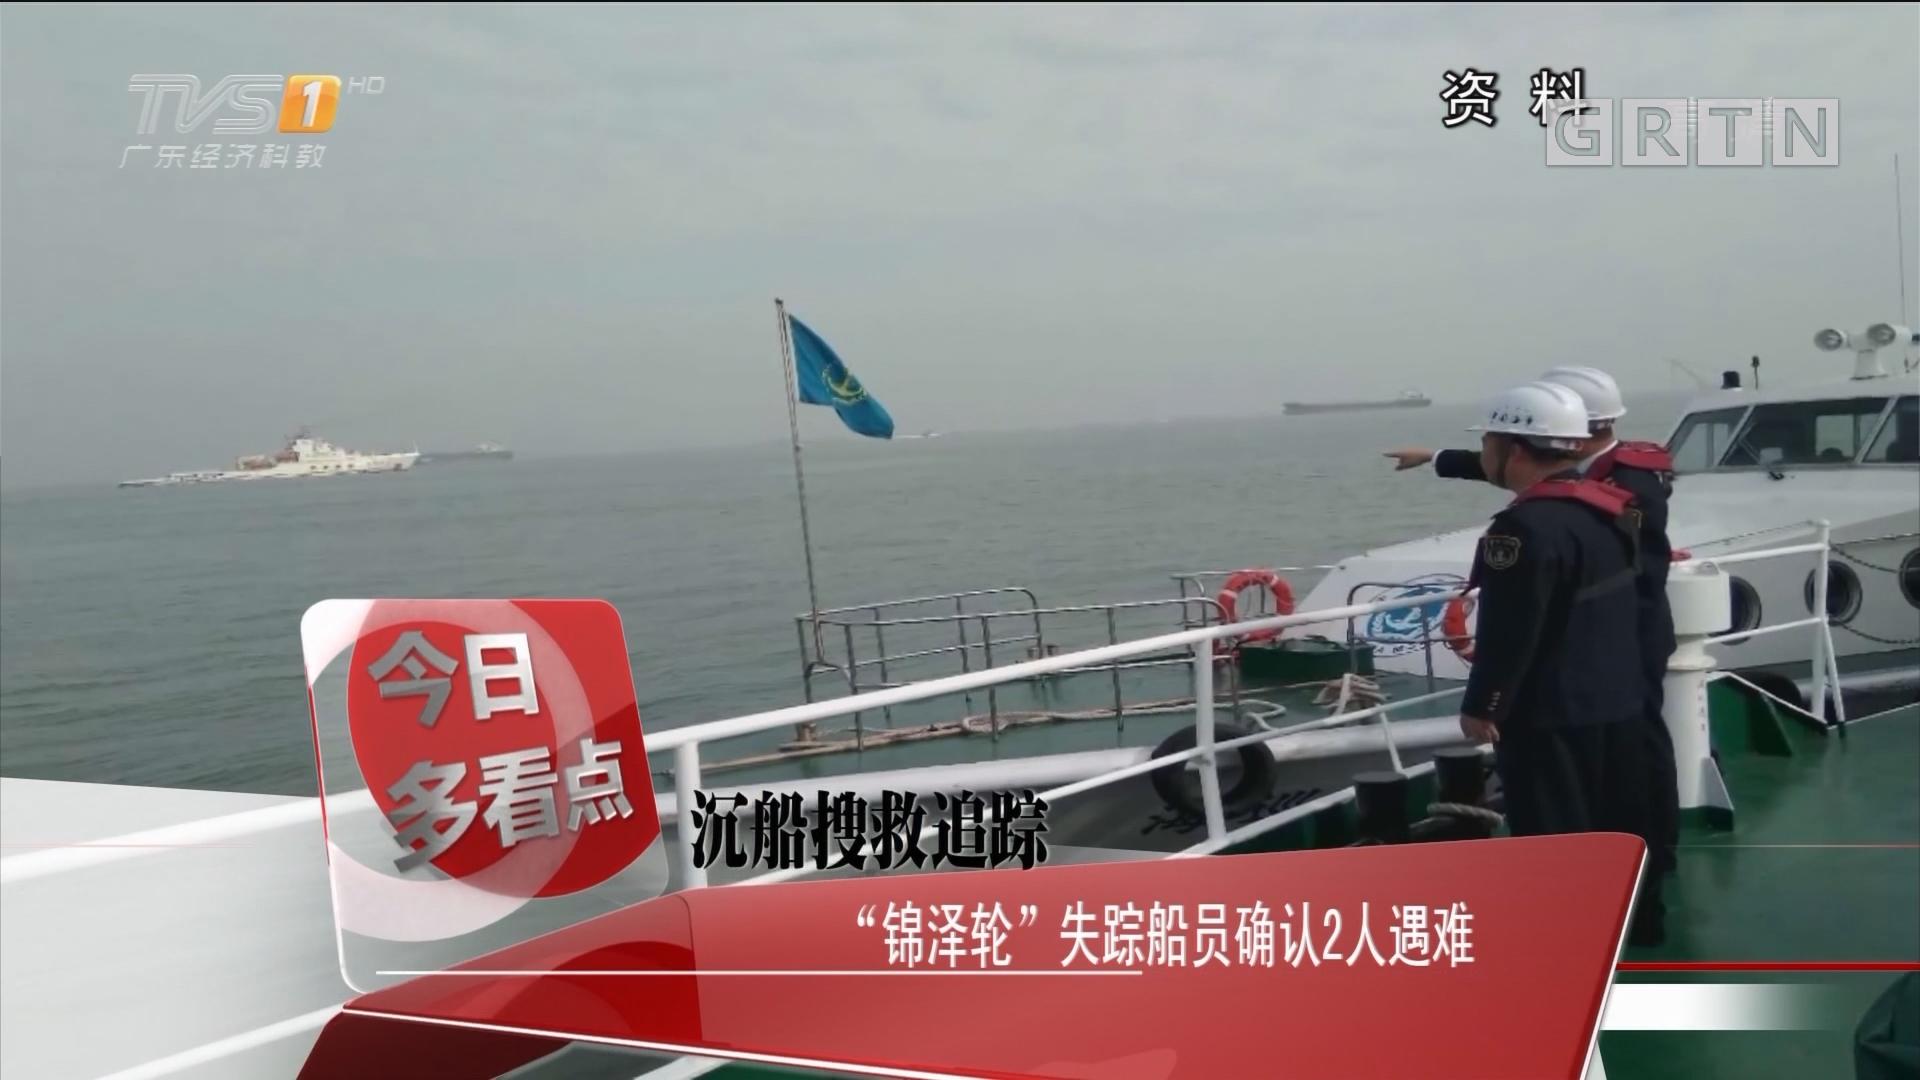 """沉船搜救追踪:""""锦泽伦""""失踪船员确认2人遇难"""